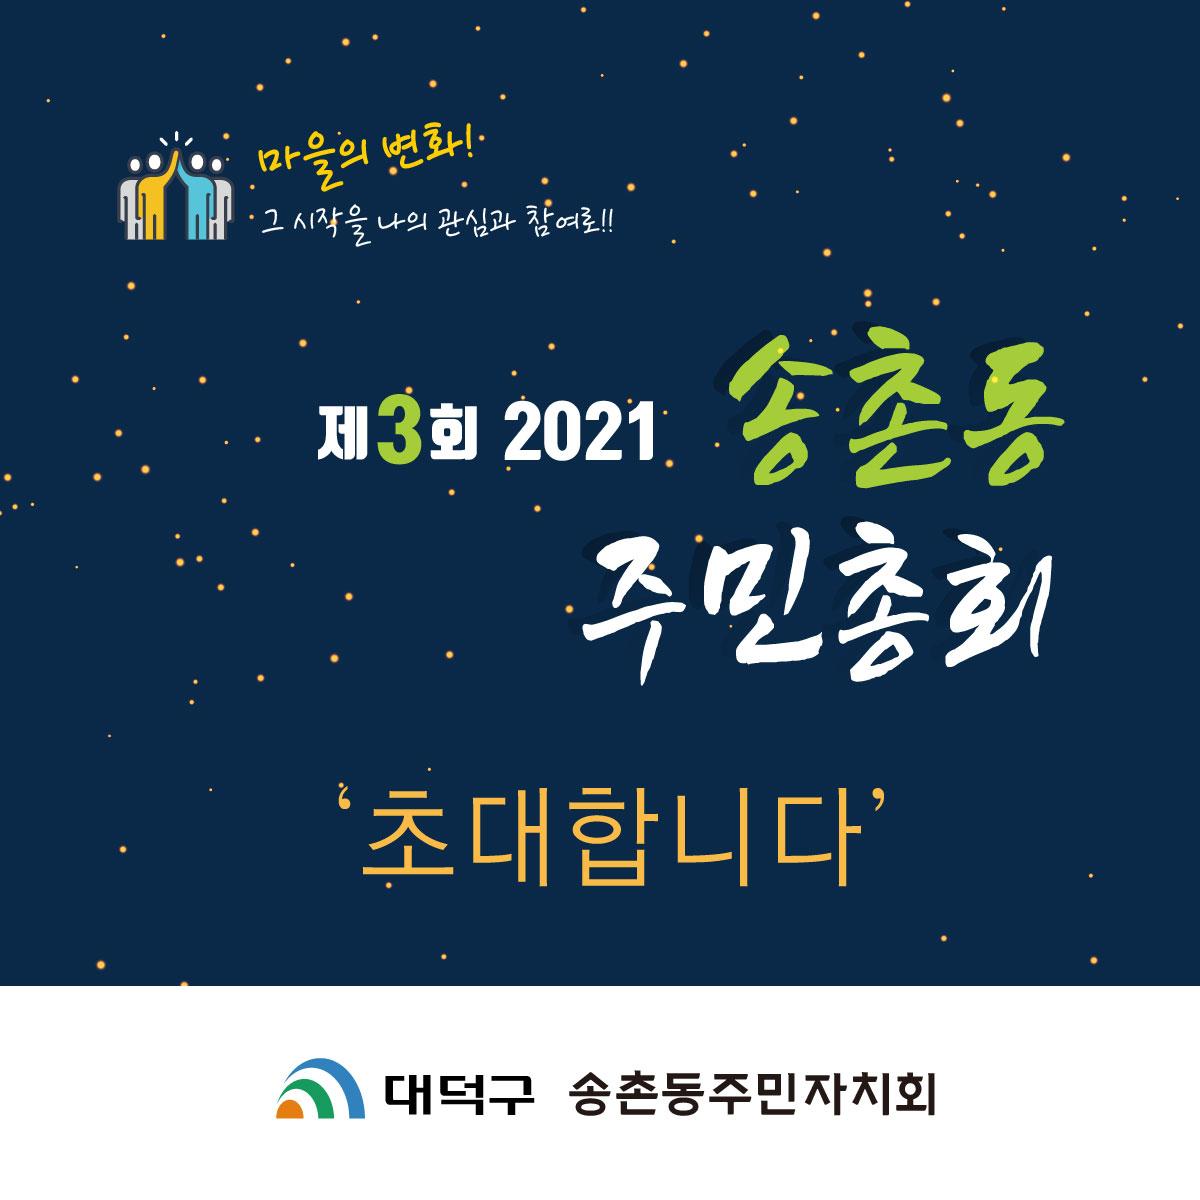 2021년 제3회 송촌동 주민총회 초대장